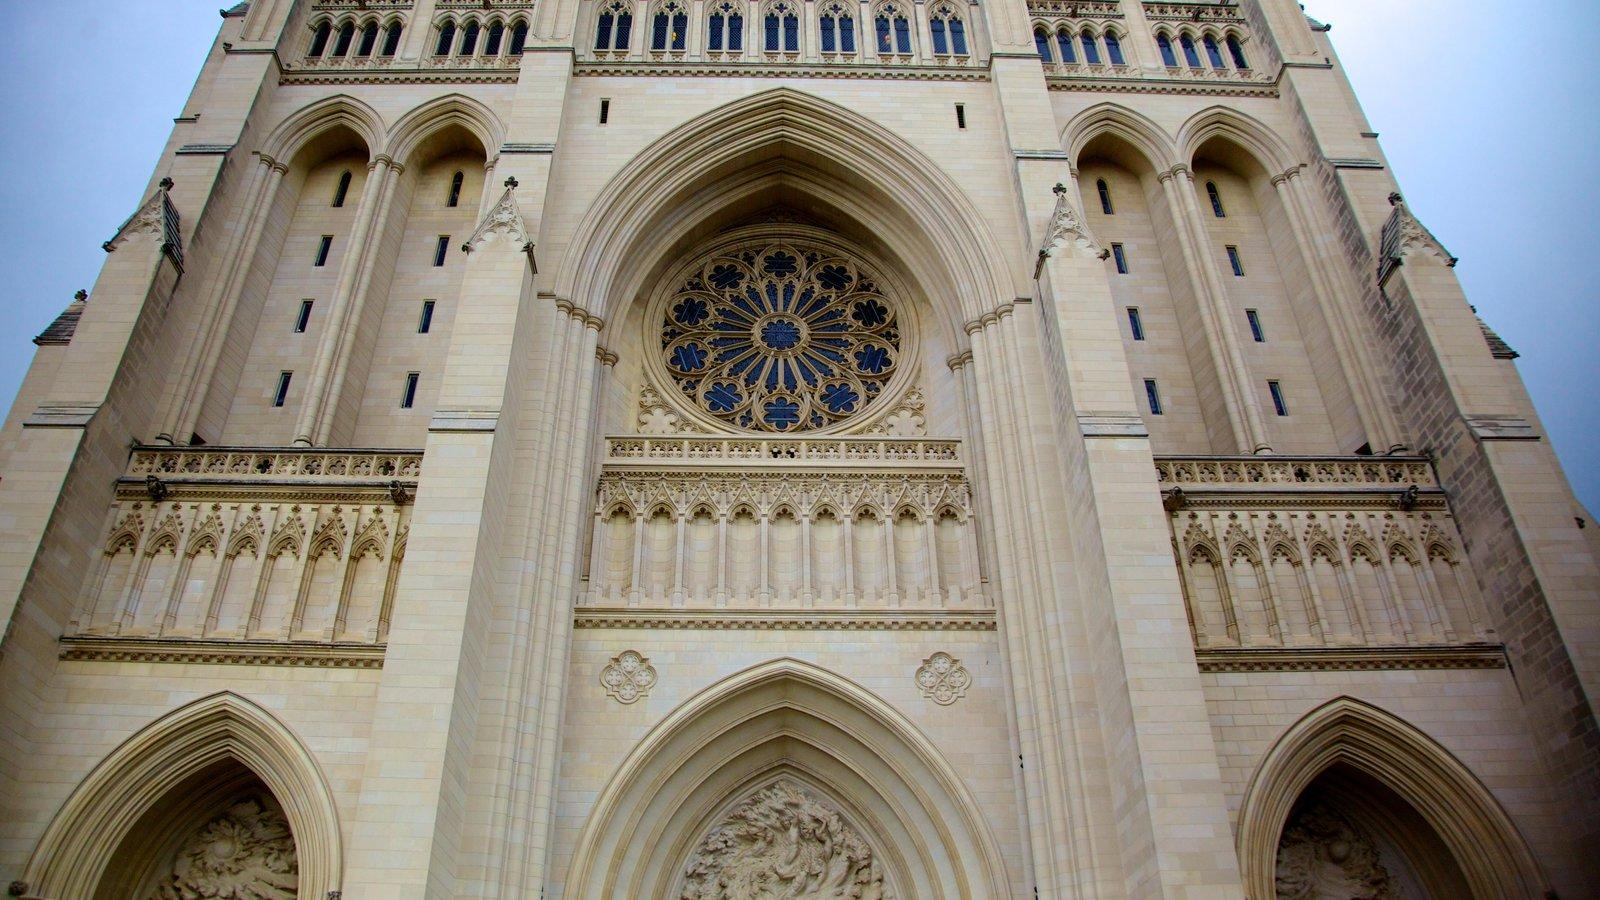 Catedral de Washington mostrando uma igreja ou catedral, elementos religiosos e arquitetura de patrimônio